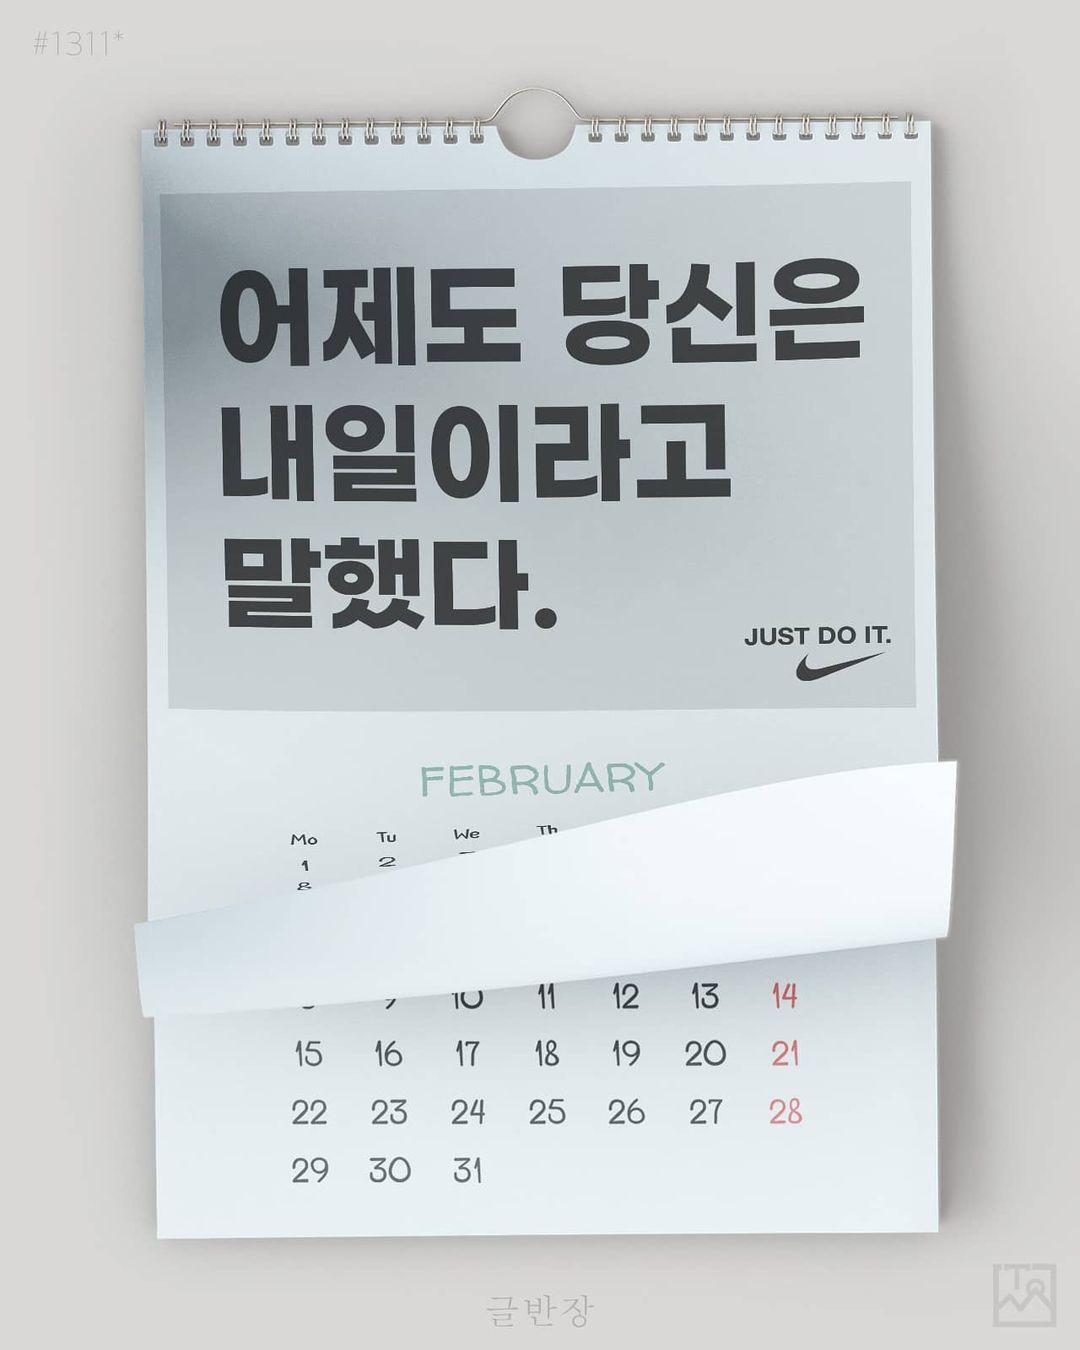 어제도 당신은 내일이라고 말했다 - 나이키 광고